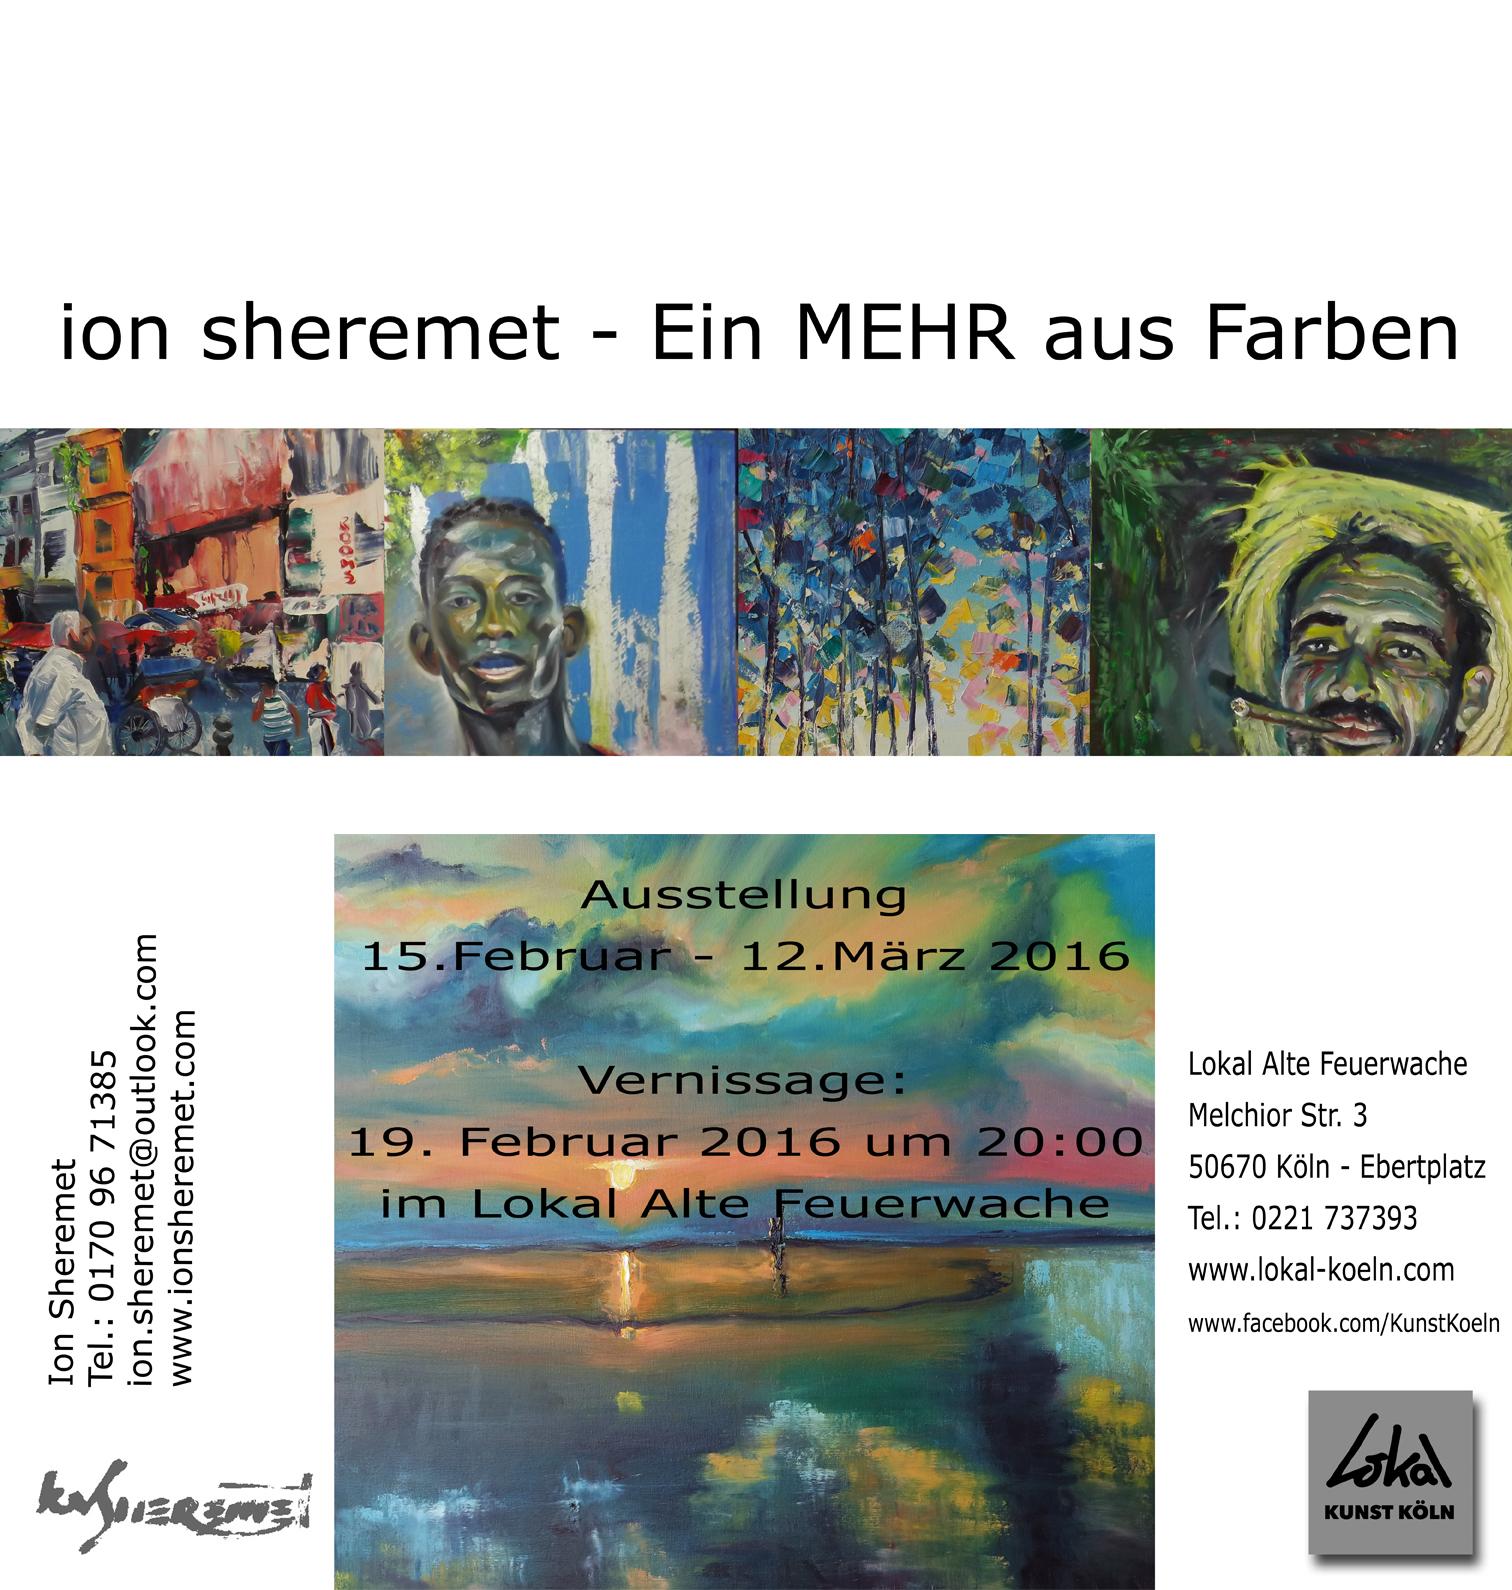 """Vernissage """"Ein Mehr an Farben"""" Ion Sheremet am 19.02.2016 um 20:00"""